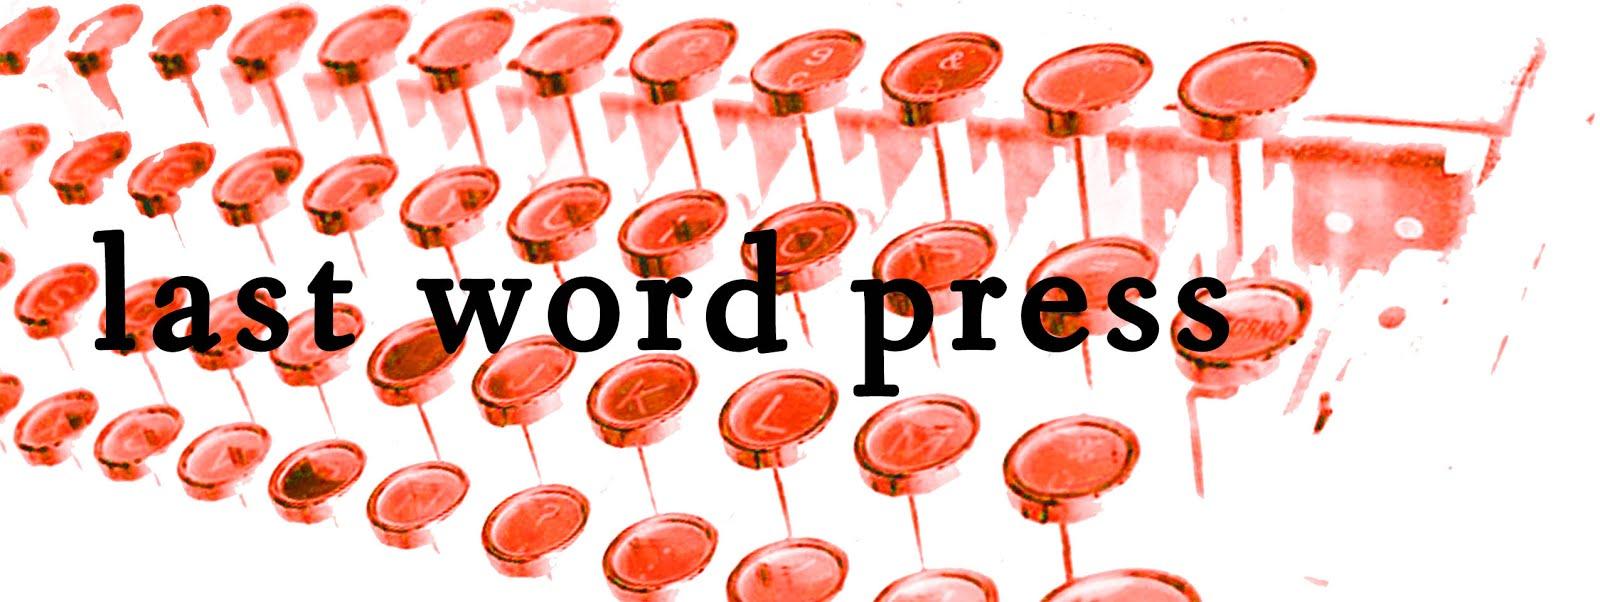 LAST WORD PRESS